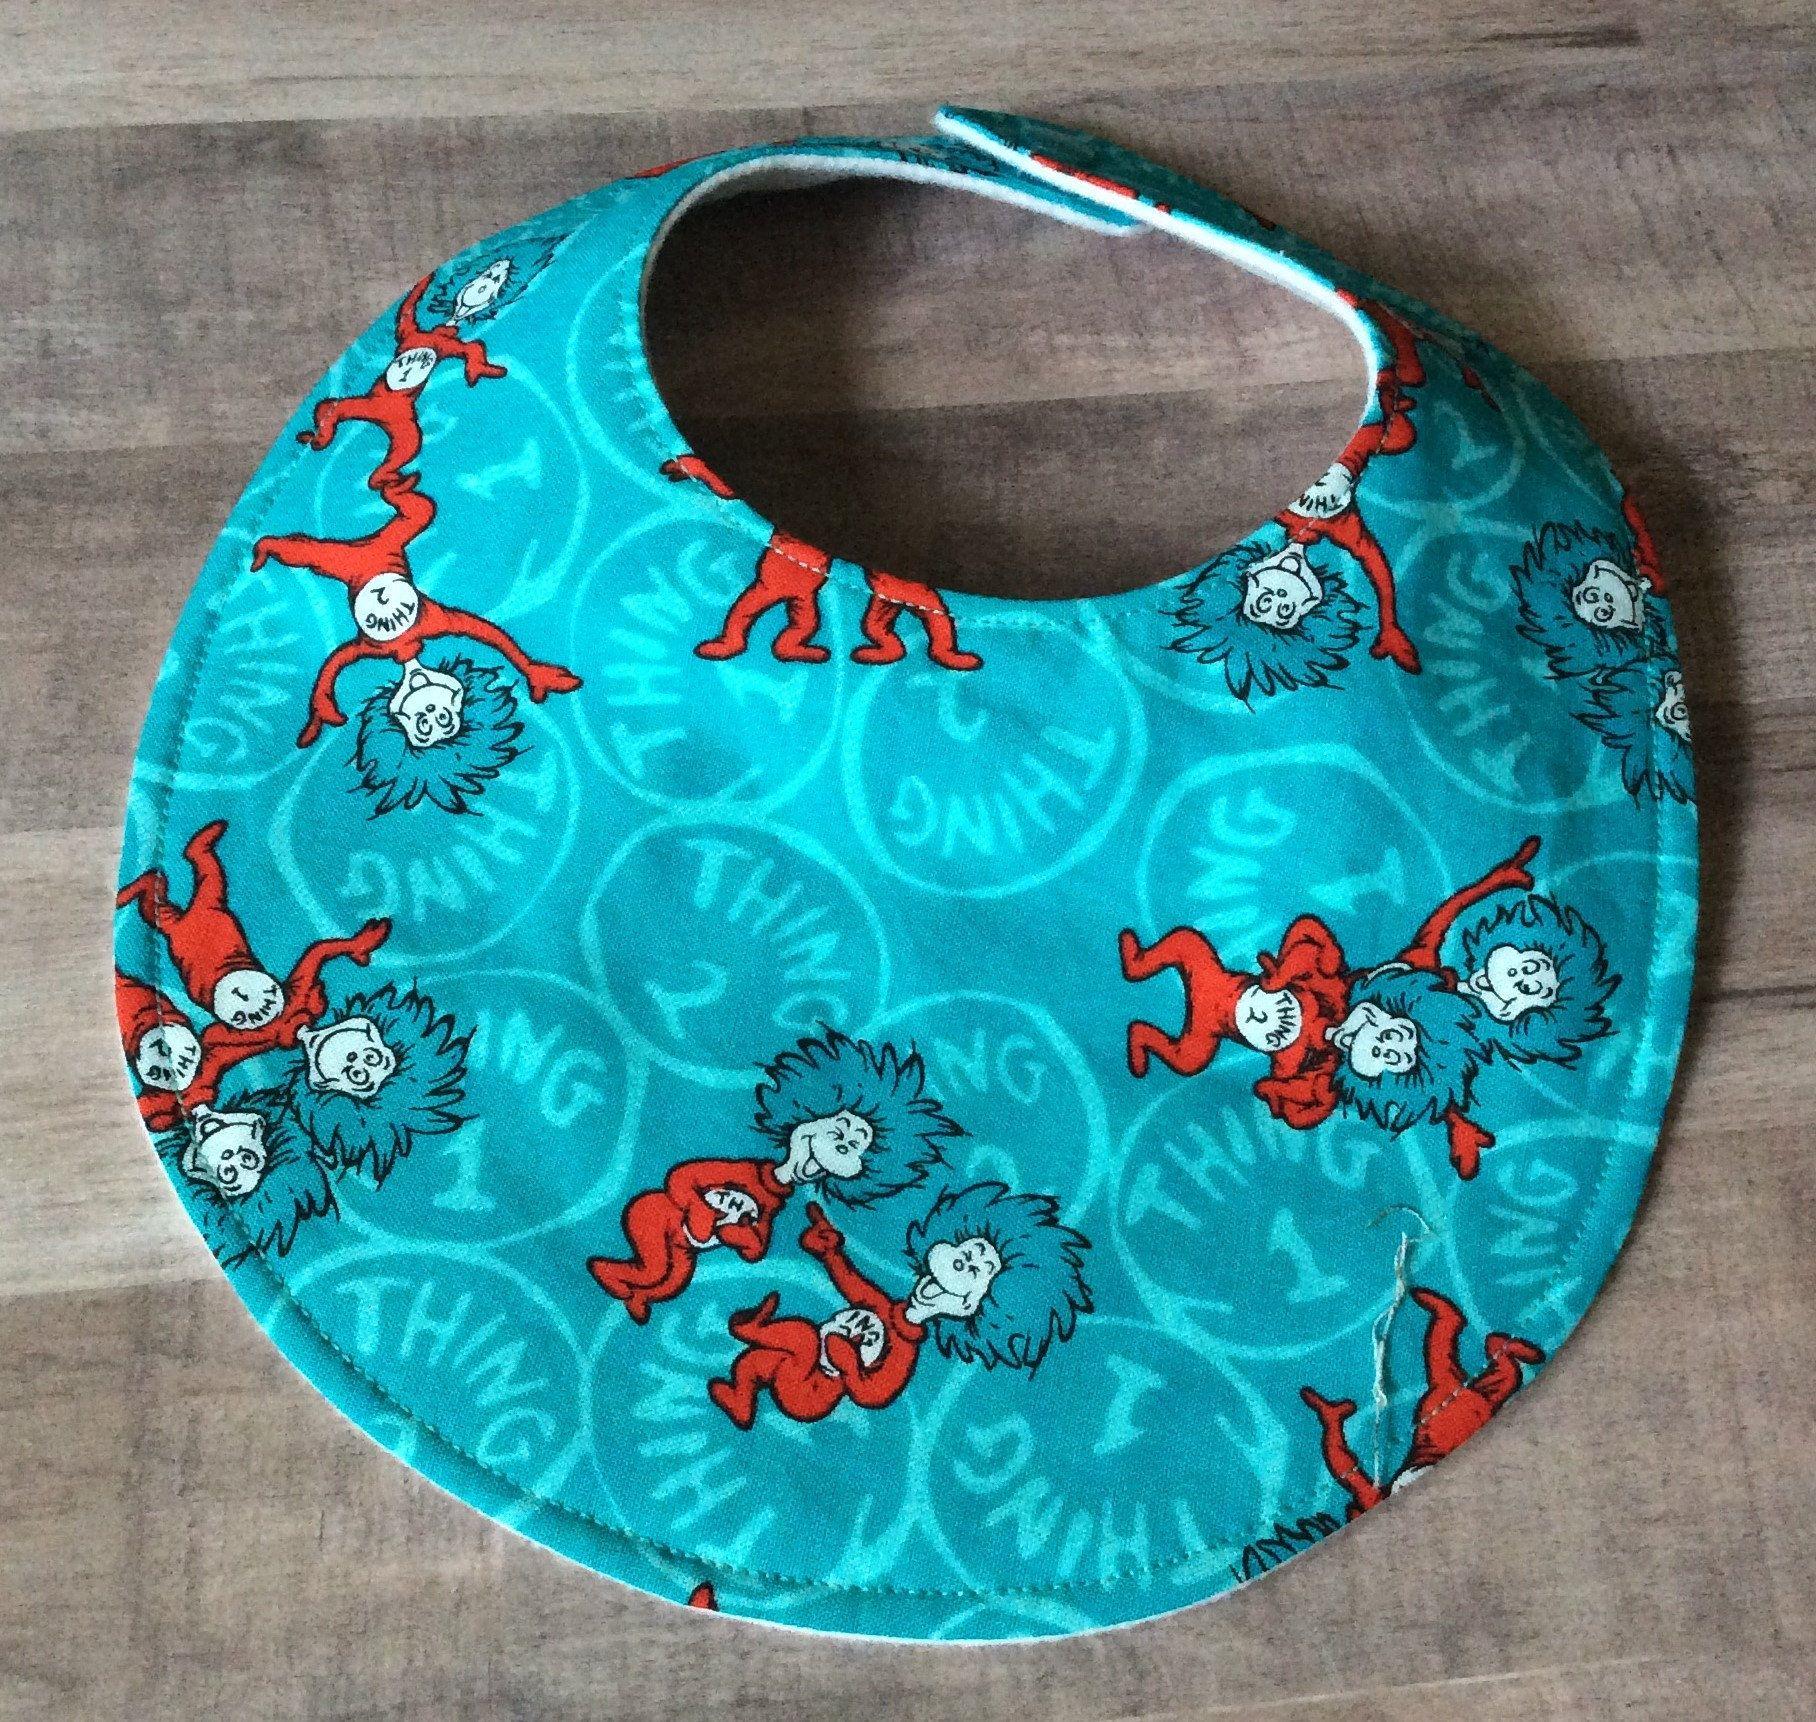 Seuss Thing 1 & Thing 2  turquoise Rag quilt Pacifier holder Dr Fopspeenkoorden, doosjes